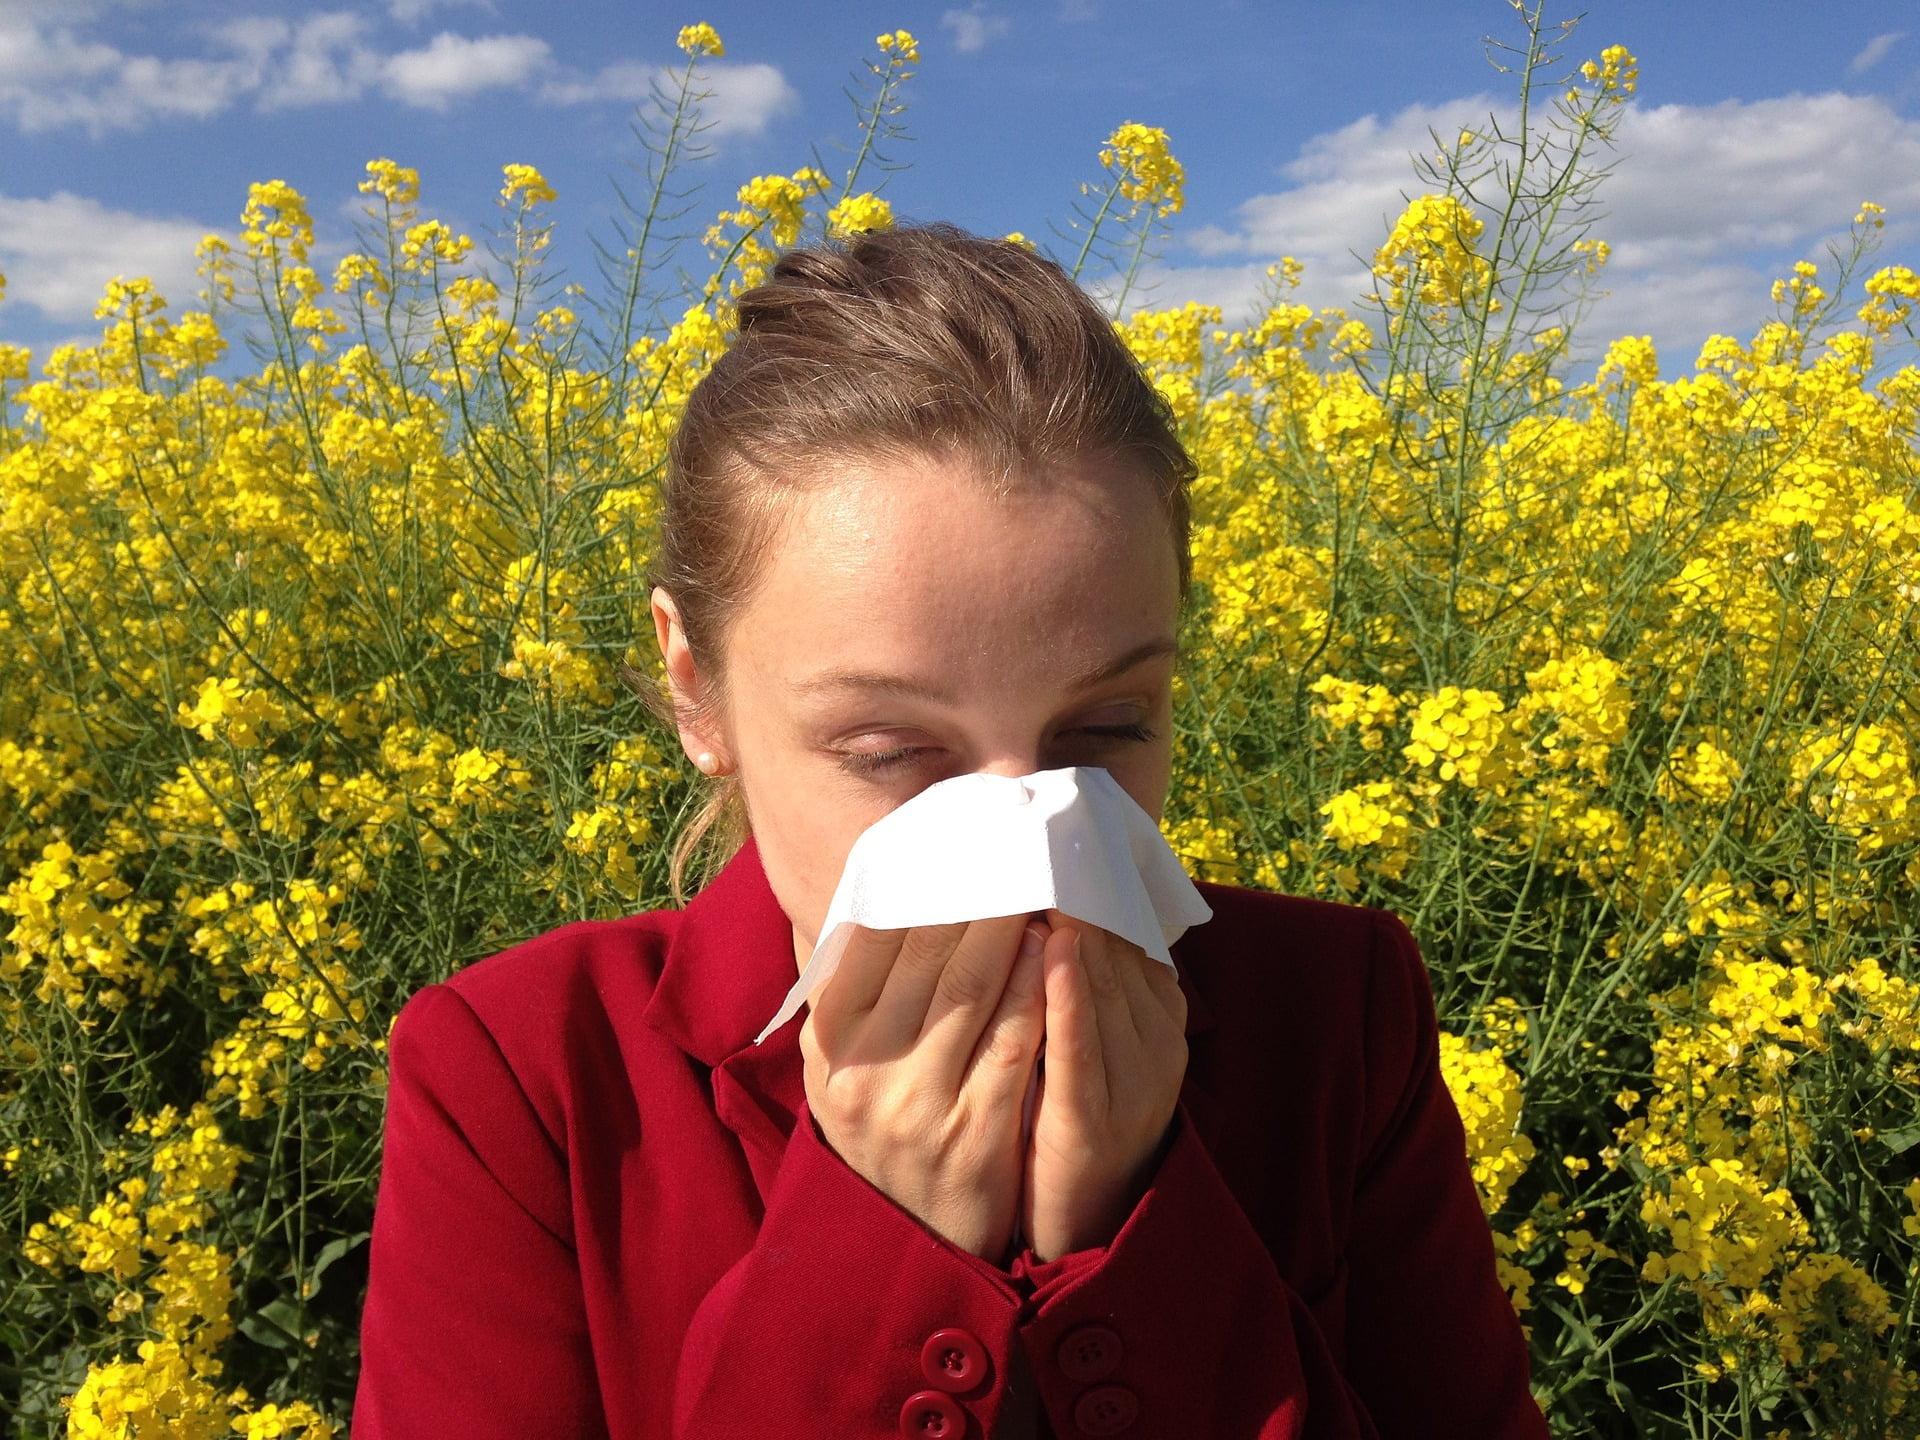 Din fericire, tratarea alergiilor sezoniere în mod natural este posibilă.